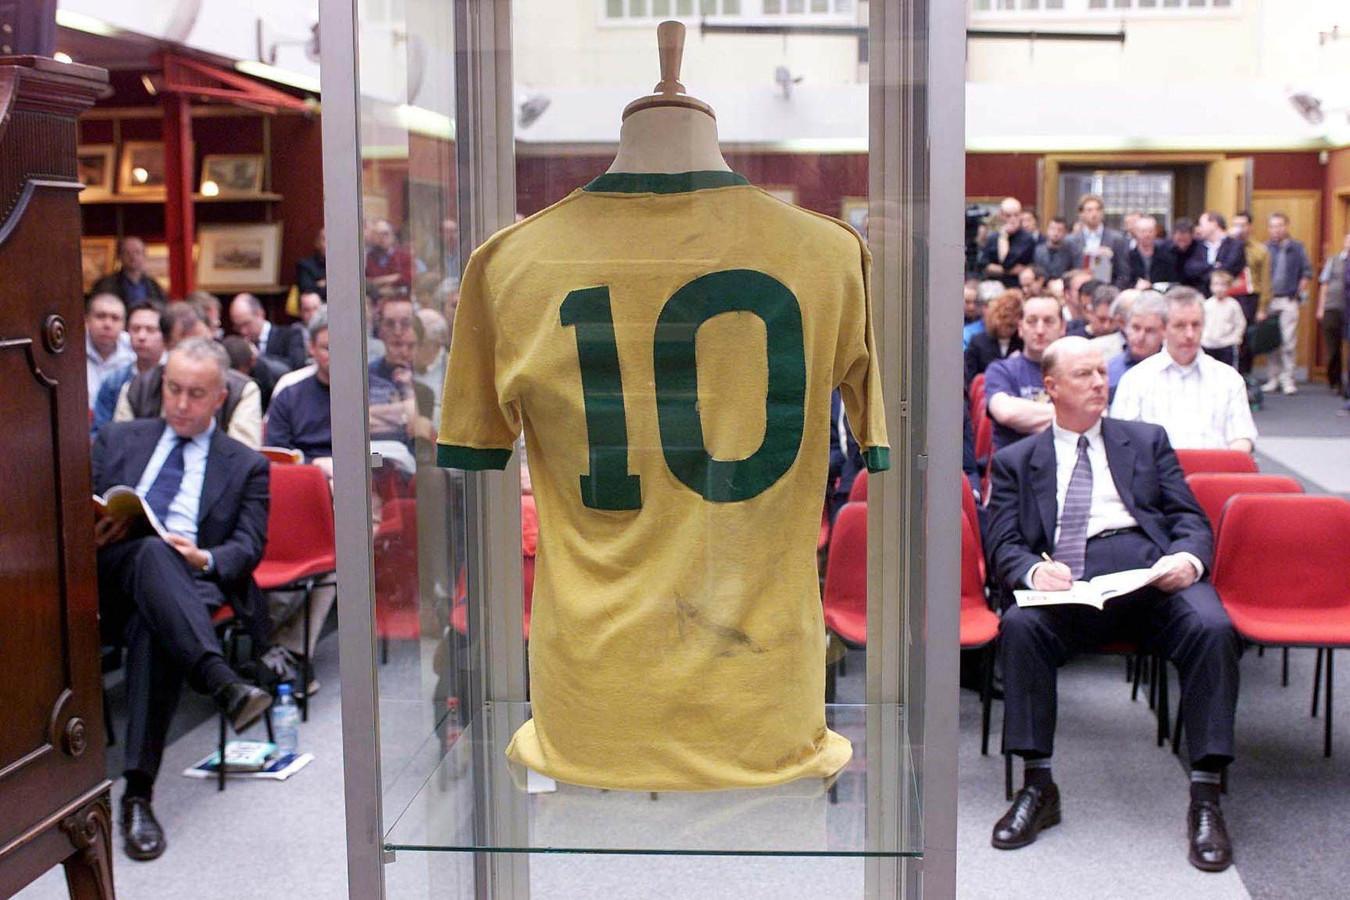 Woensdag 27 maart 2002: het door Pelé in de WK-finale van 1970 gedragen shirt gaat onder de hamer in Londen.